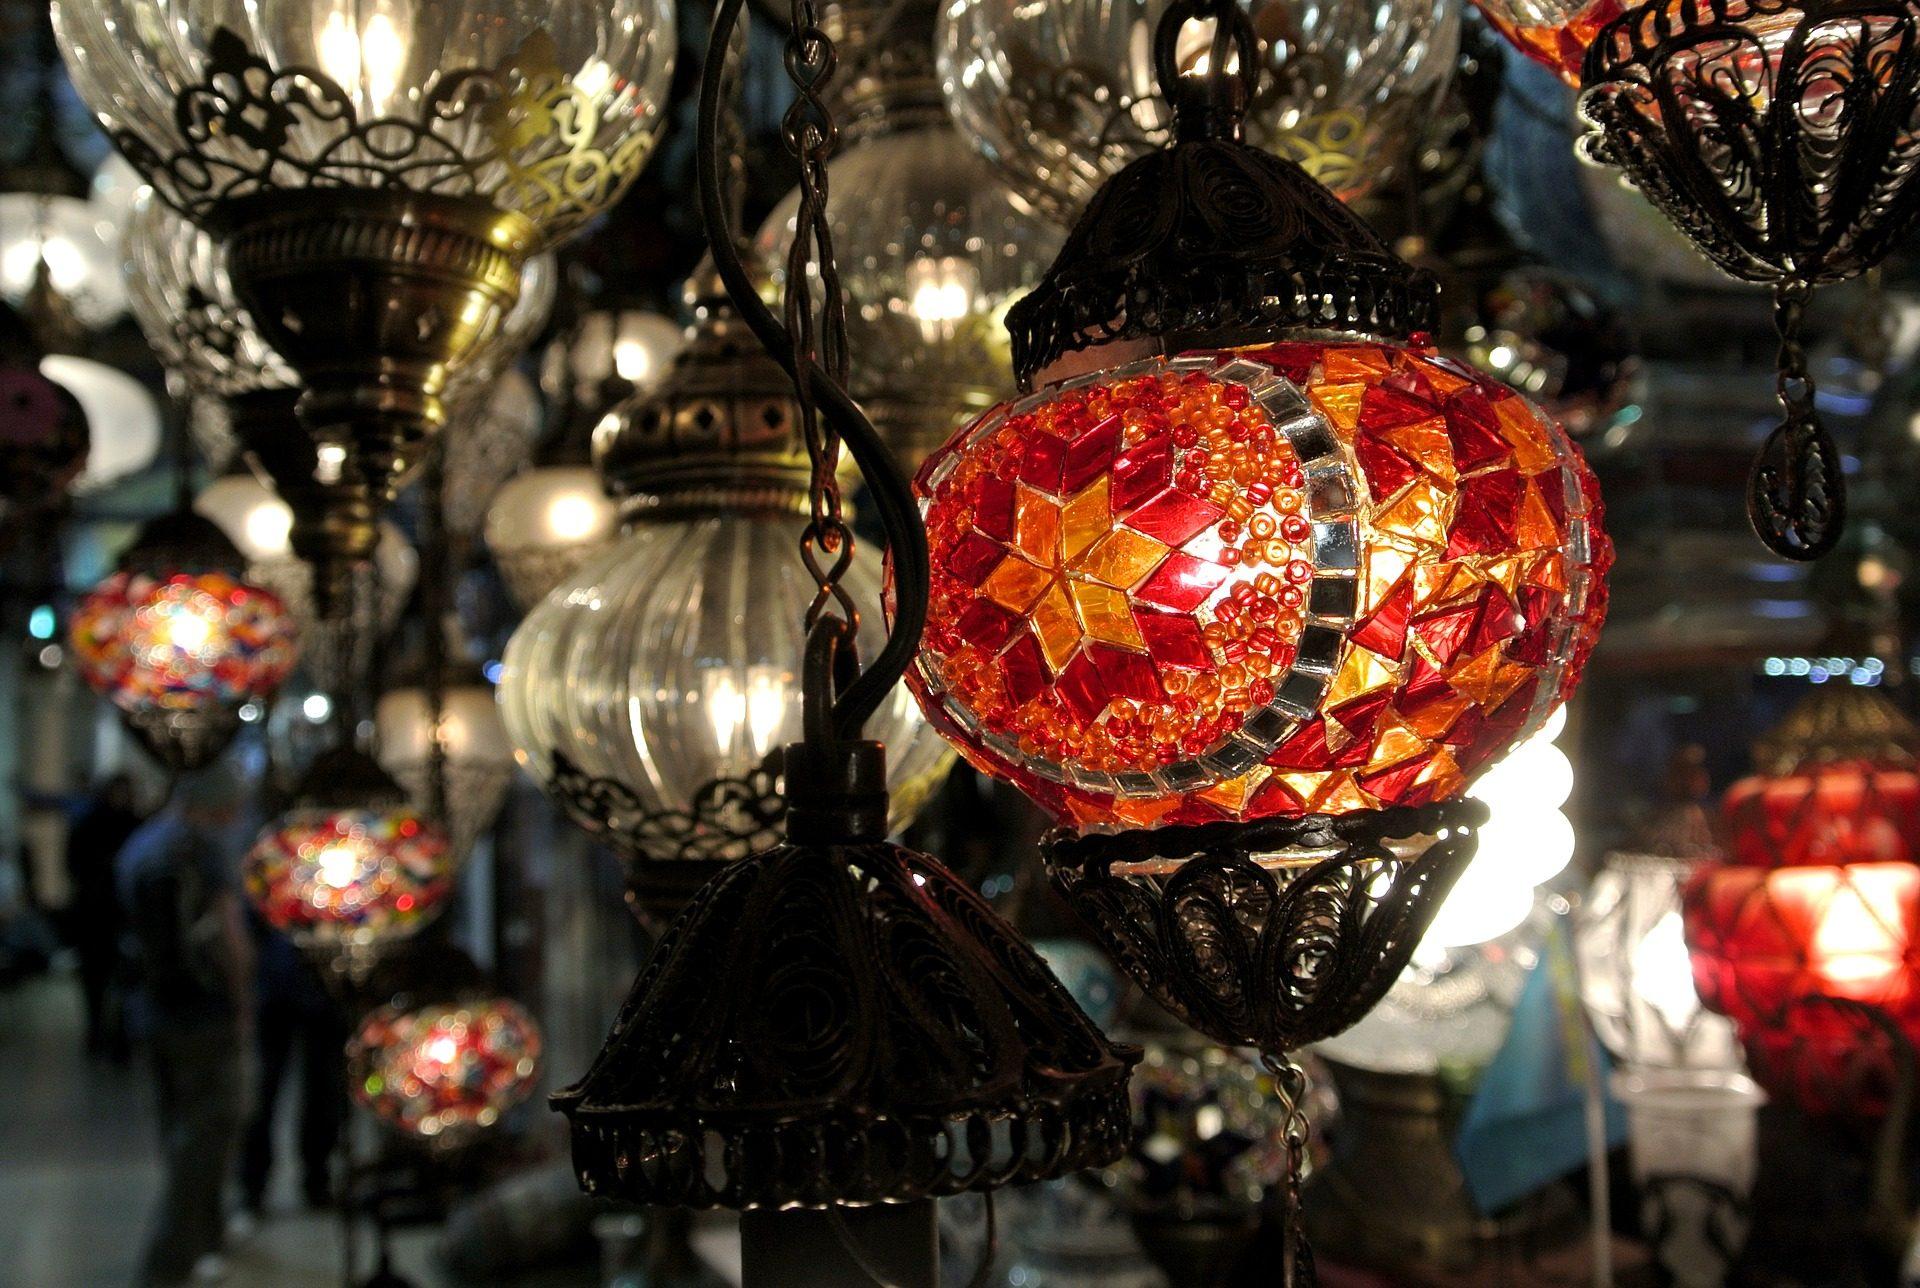 lámparas, cristal, vídrio, colorido, brillos, luces - Fondos de Pantalla HD - professor-falken.com